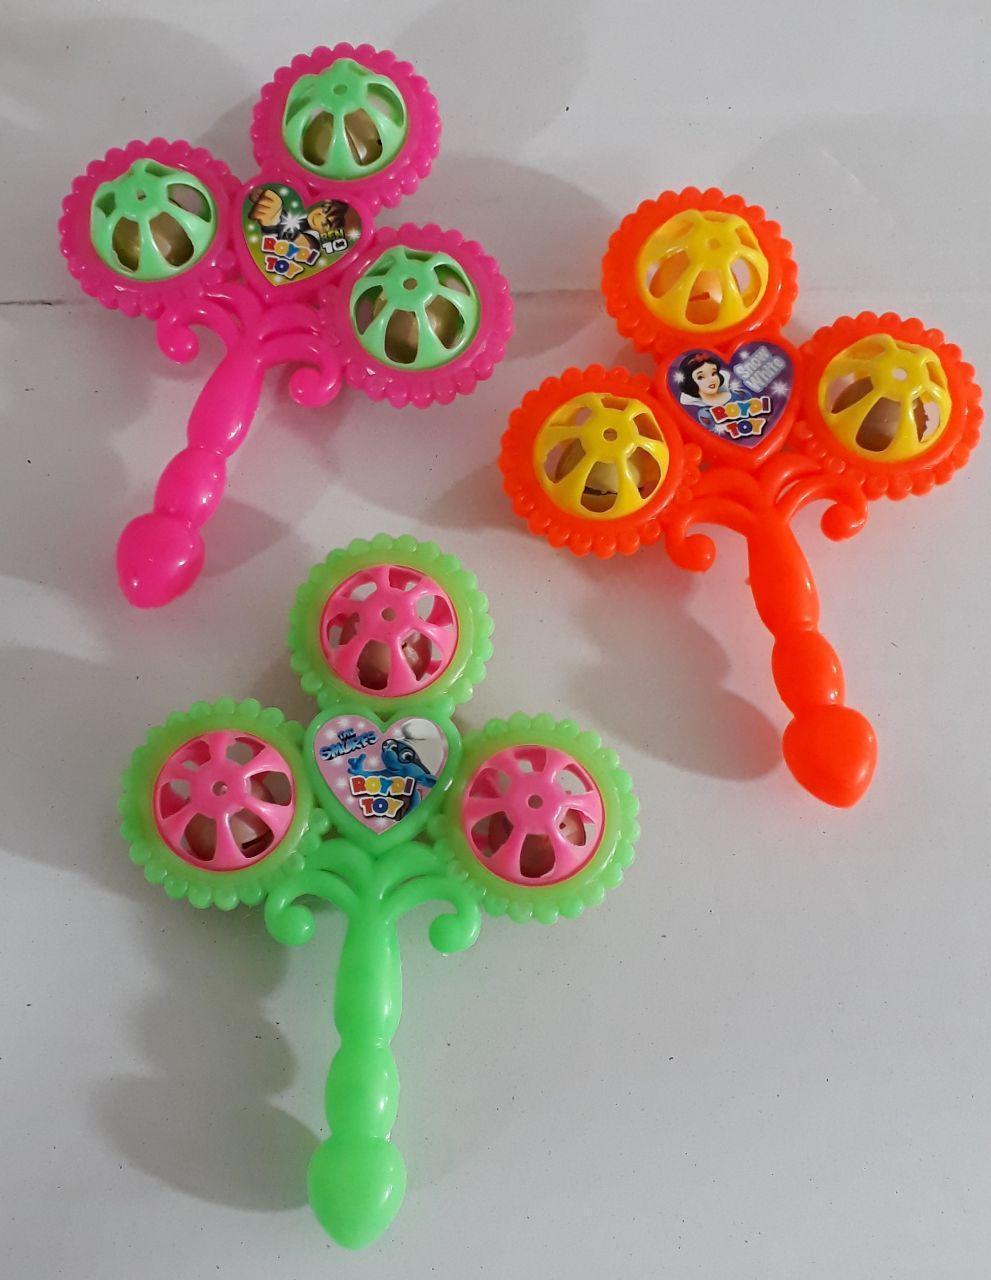 جغجغه سه گل -- پخش -- فانتزی --- جغجغه کودکان